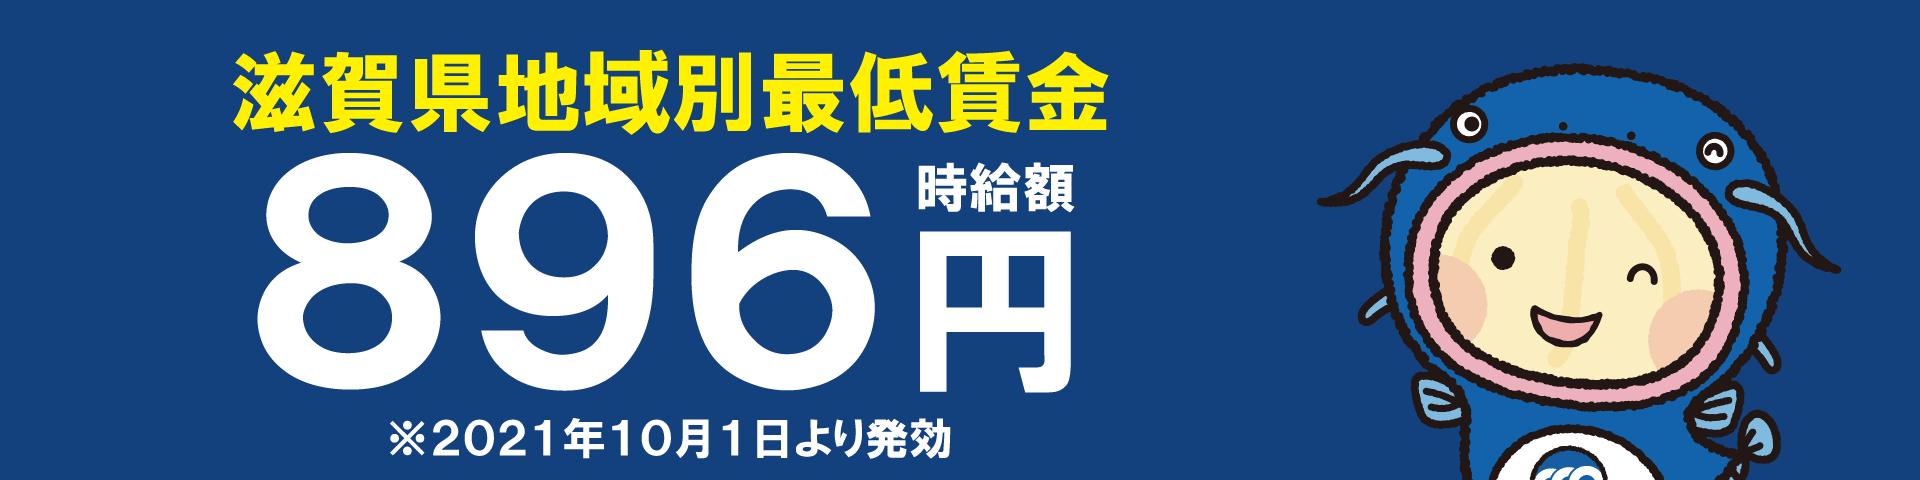 滋賀県最低賃金,時給額896円,2021年10月1日発効,最賃,地域別,連合滋賀,労働組合